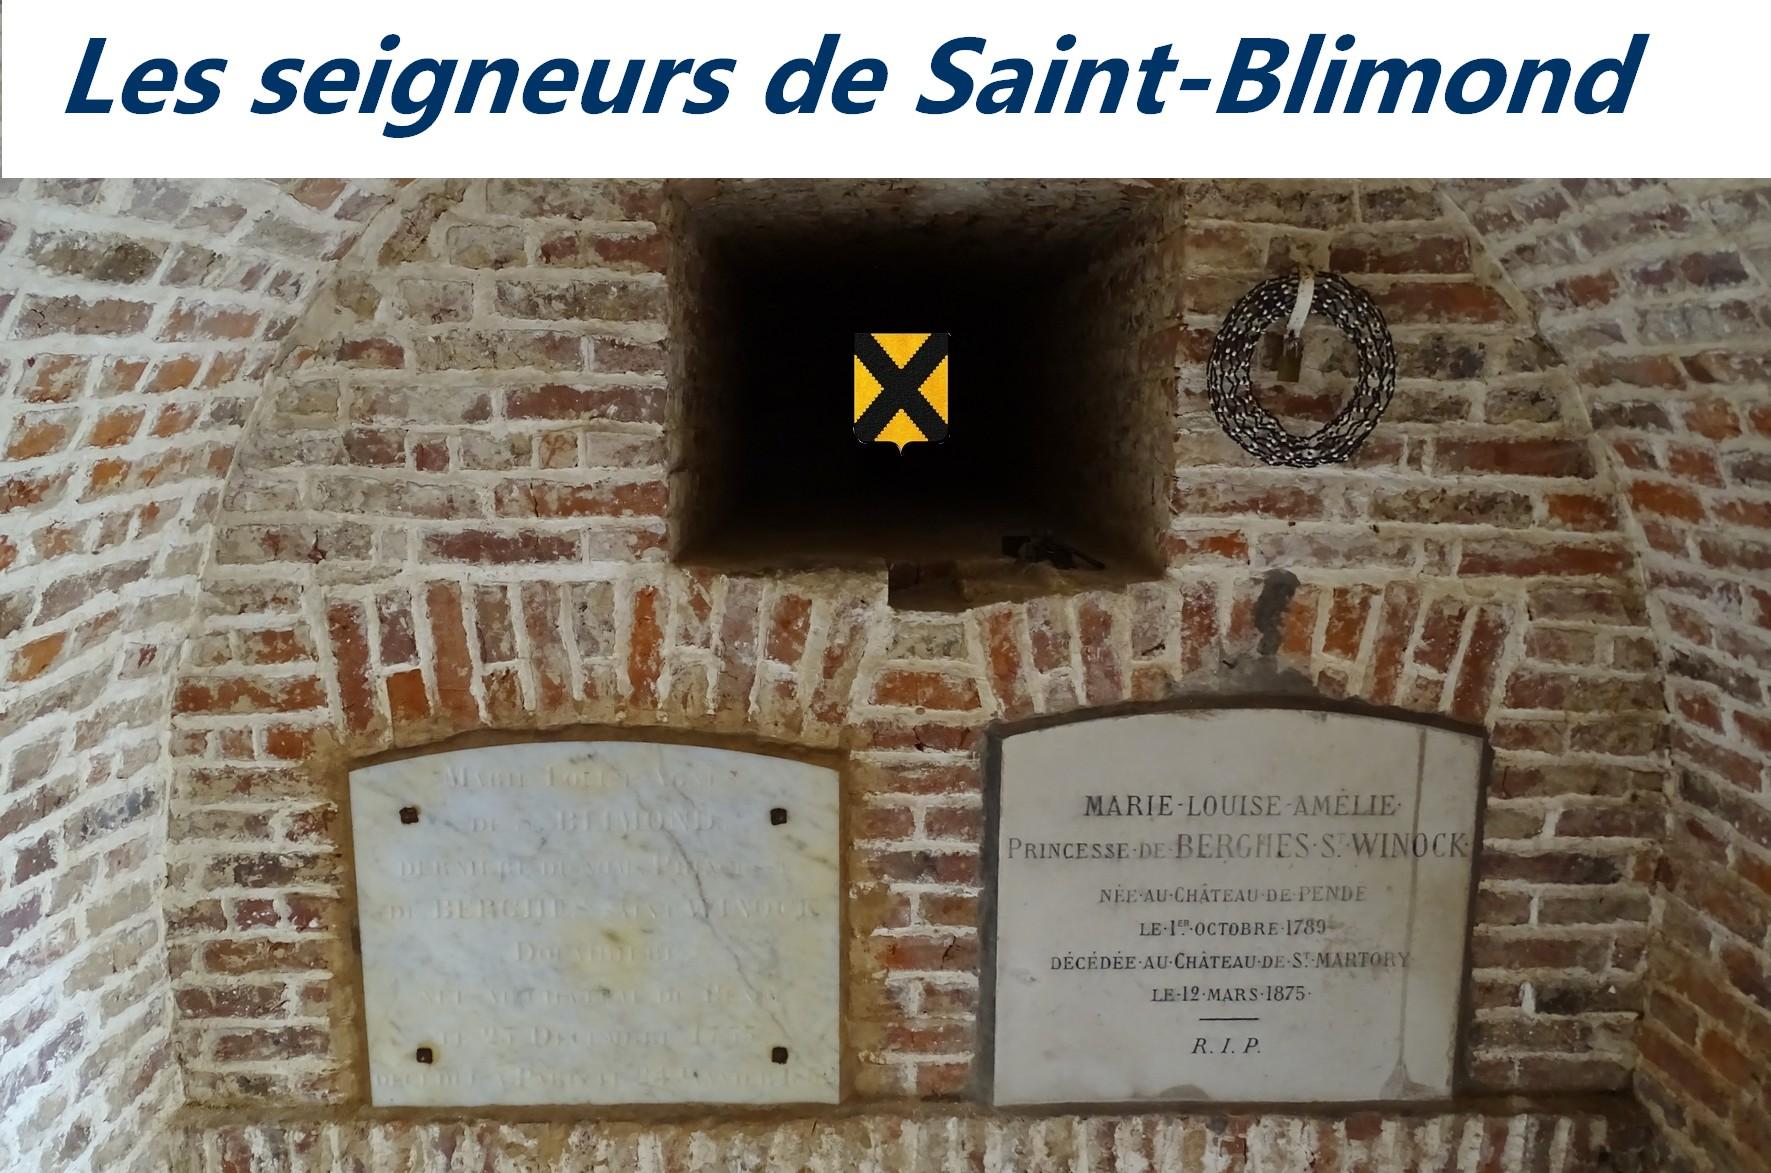 Histoire des seigneurs de Saint-Blimond